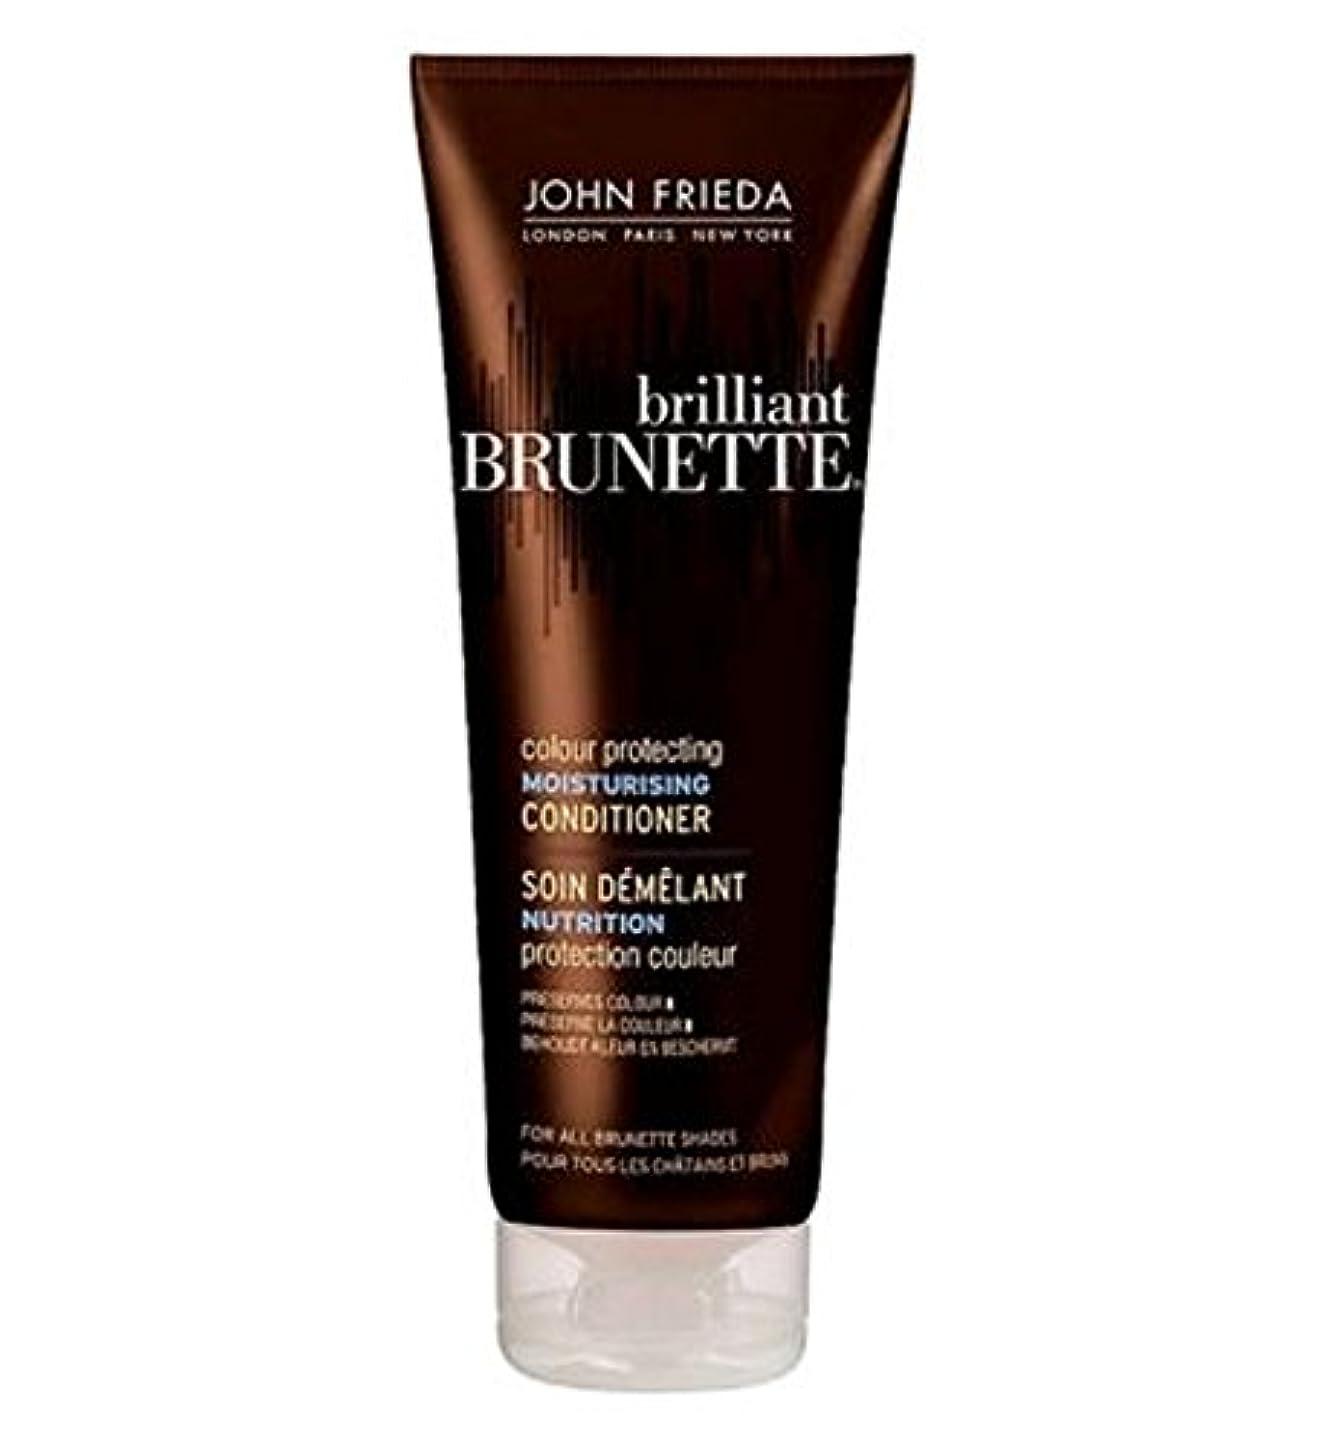 乳白隠広範囲John Frieda Brilliant Brunette Colour Protecting Moisturising Conditioner for Brunettes 250ml - 250ミリリットルブルネット...